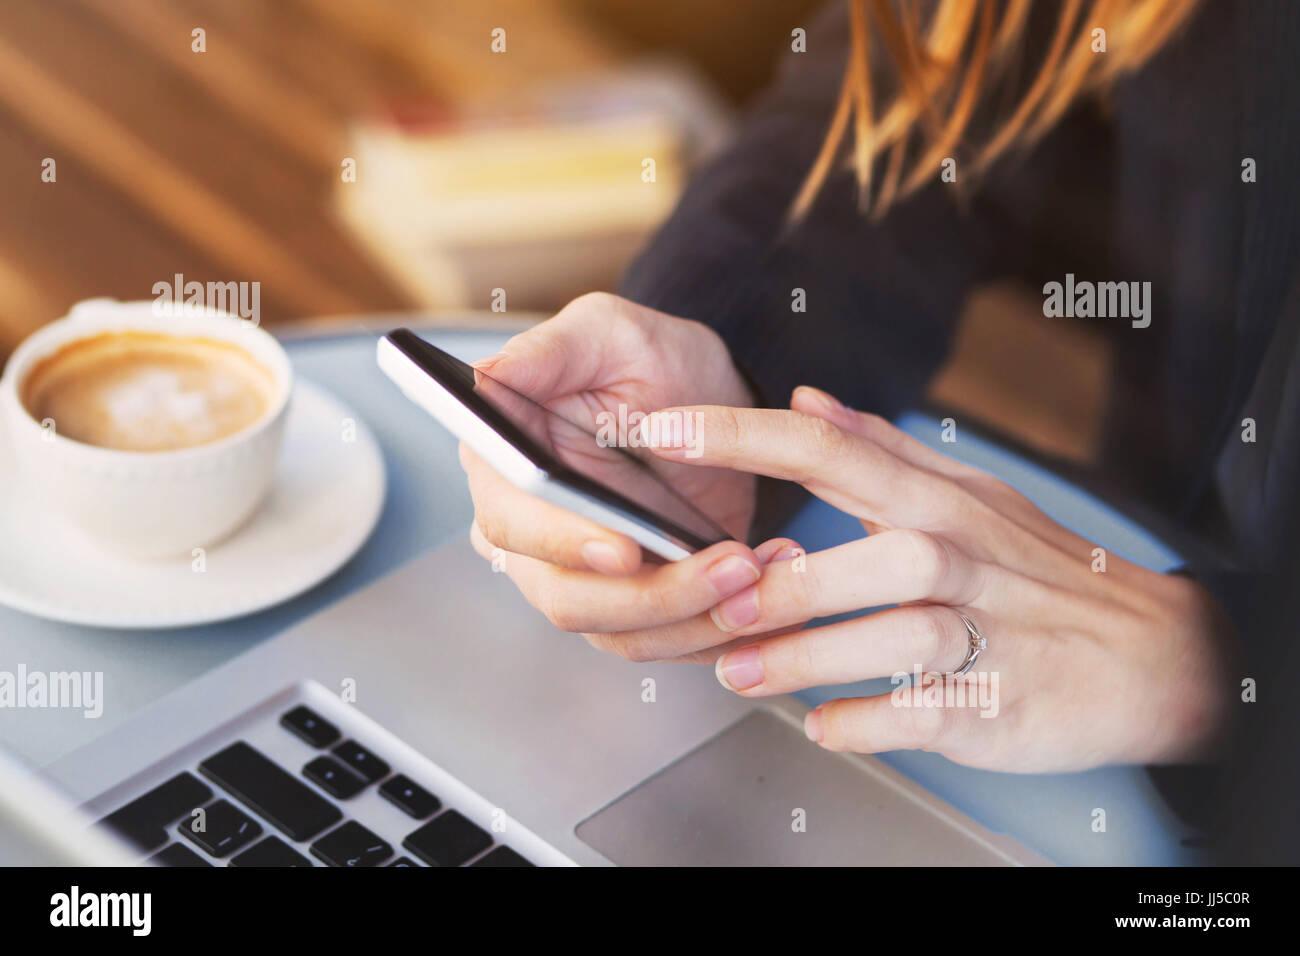 Cerca de manos usando aplicaciones móviles en smartphone, mujer control de correos electrónicos en su Imagen De Stock